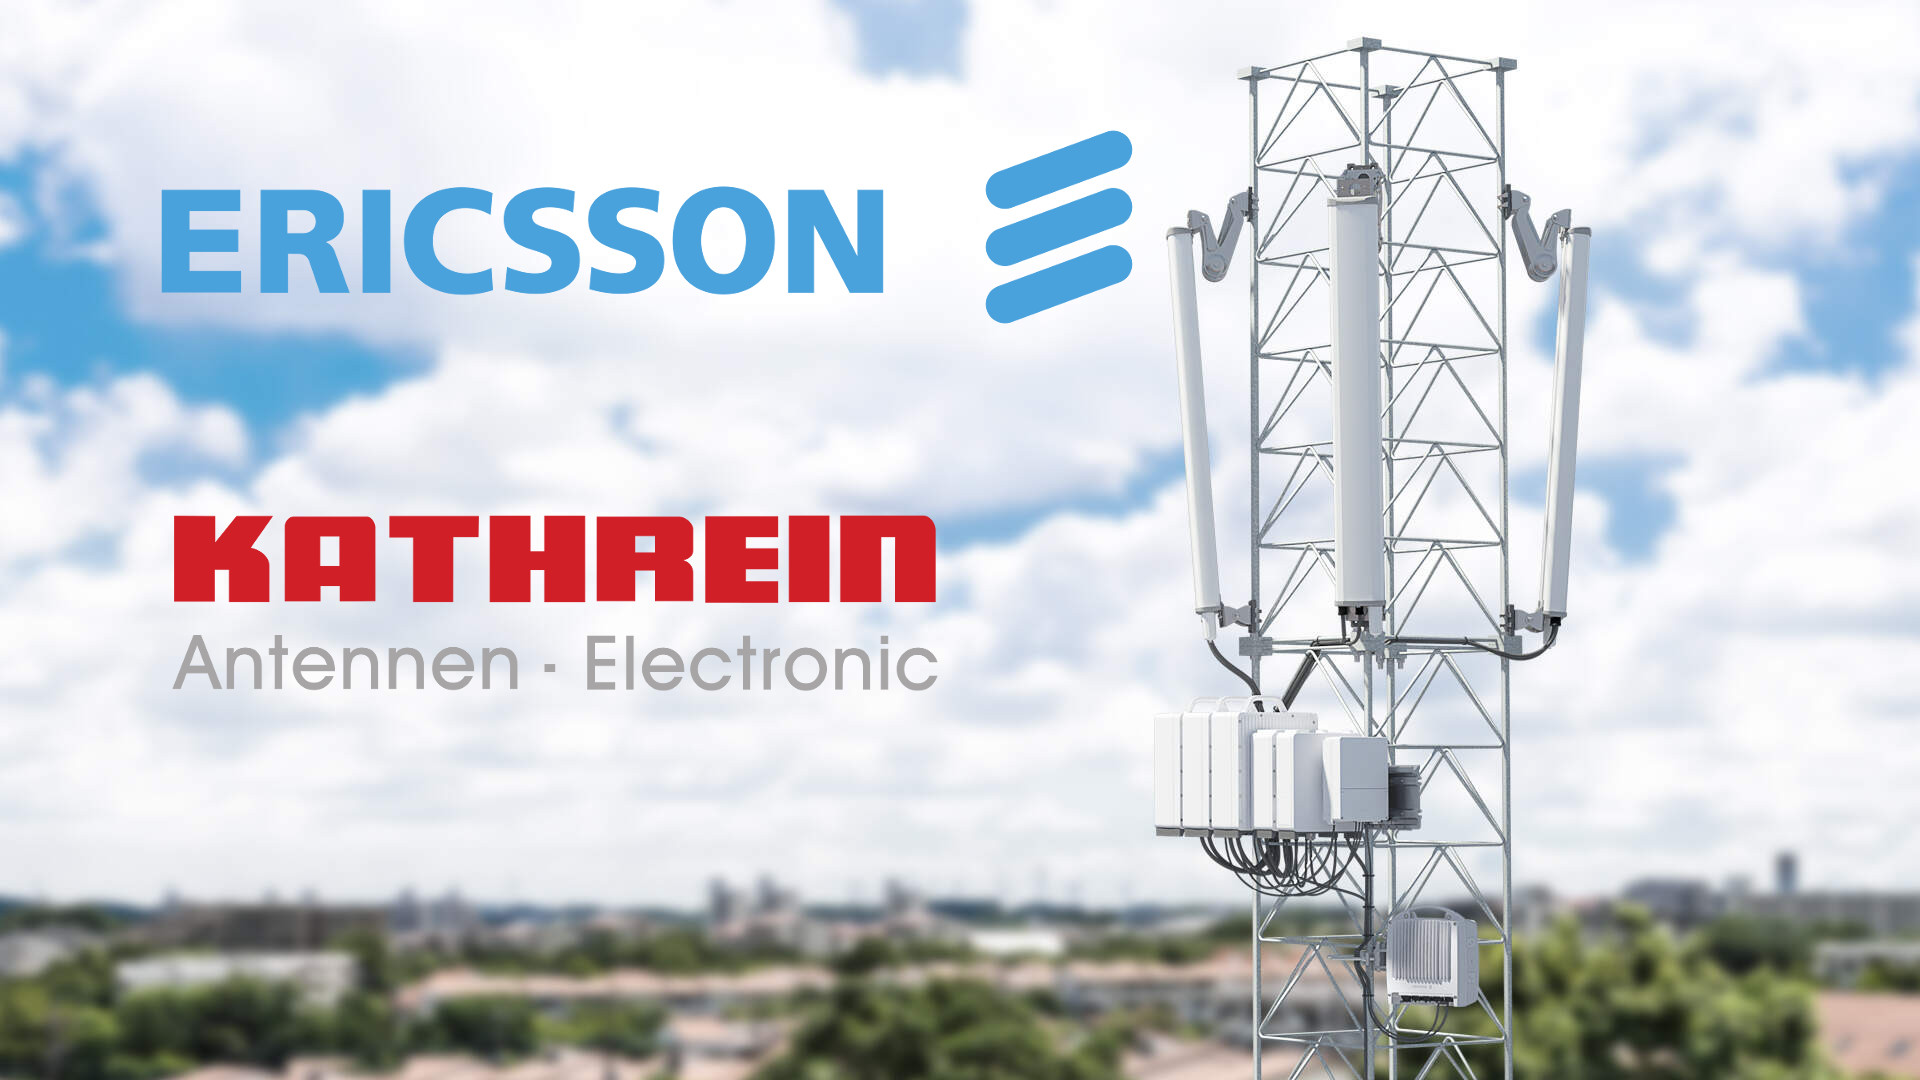 Ericsson-kathrein-antena-fuzja-www